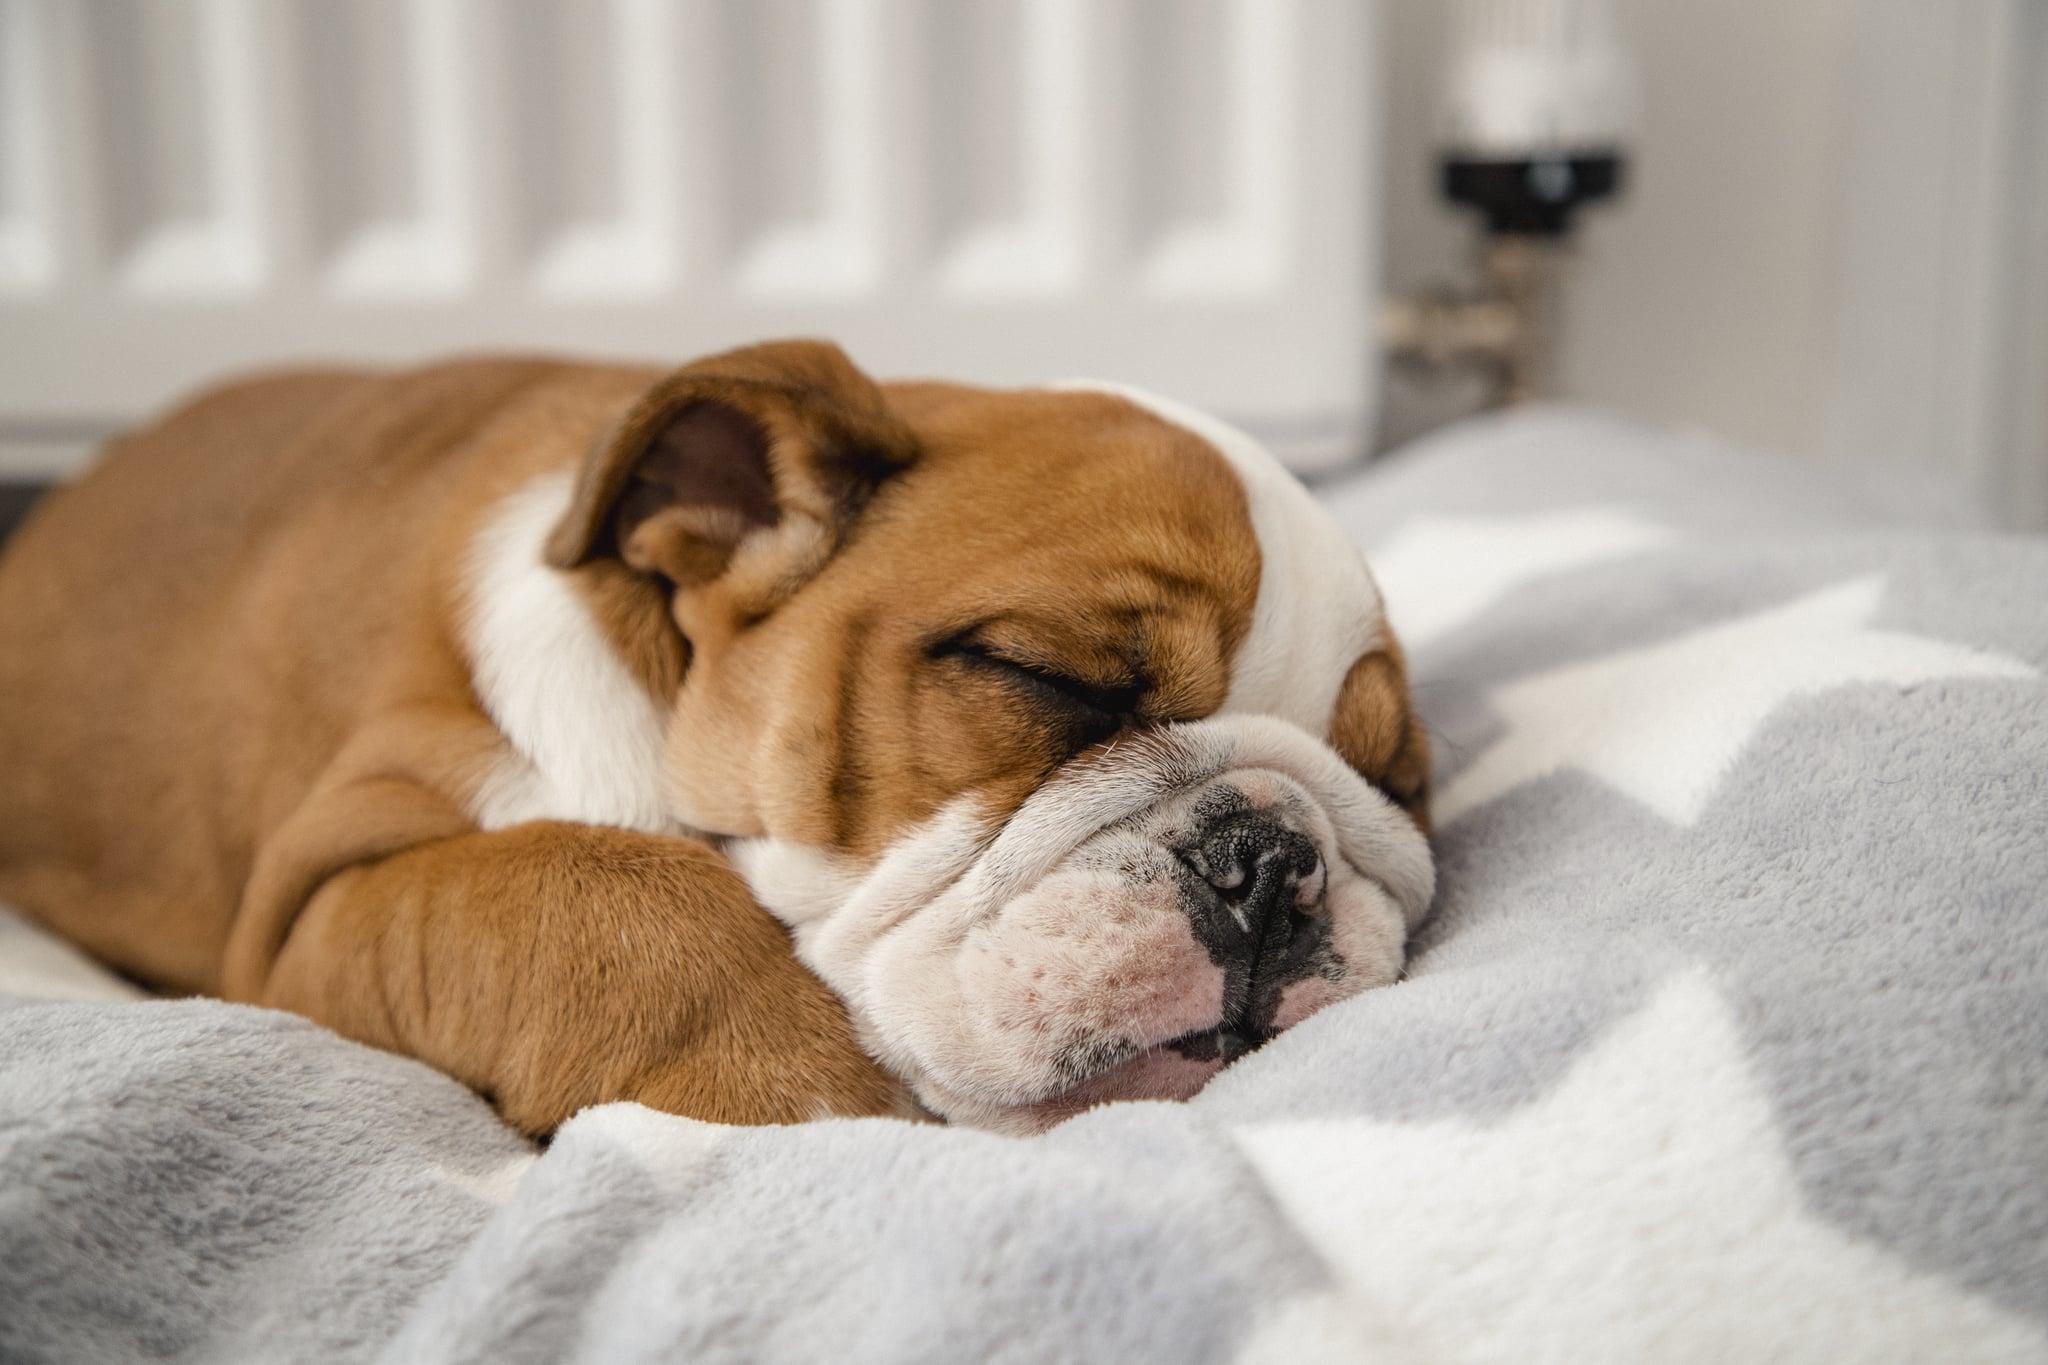 A cute British Bulldog sleeping in a dog bed.